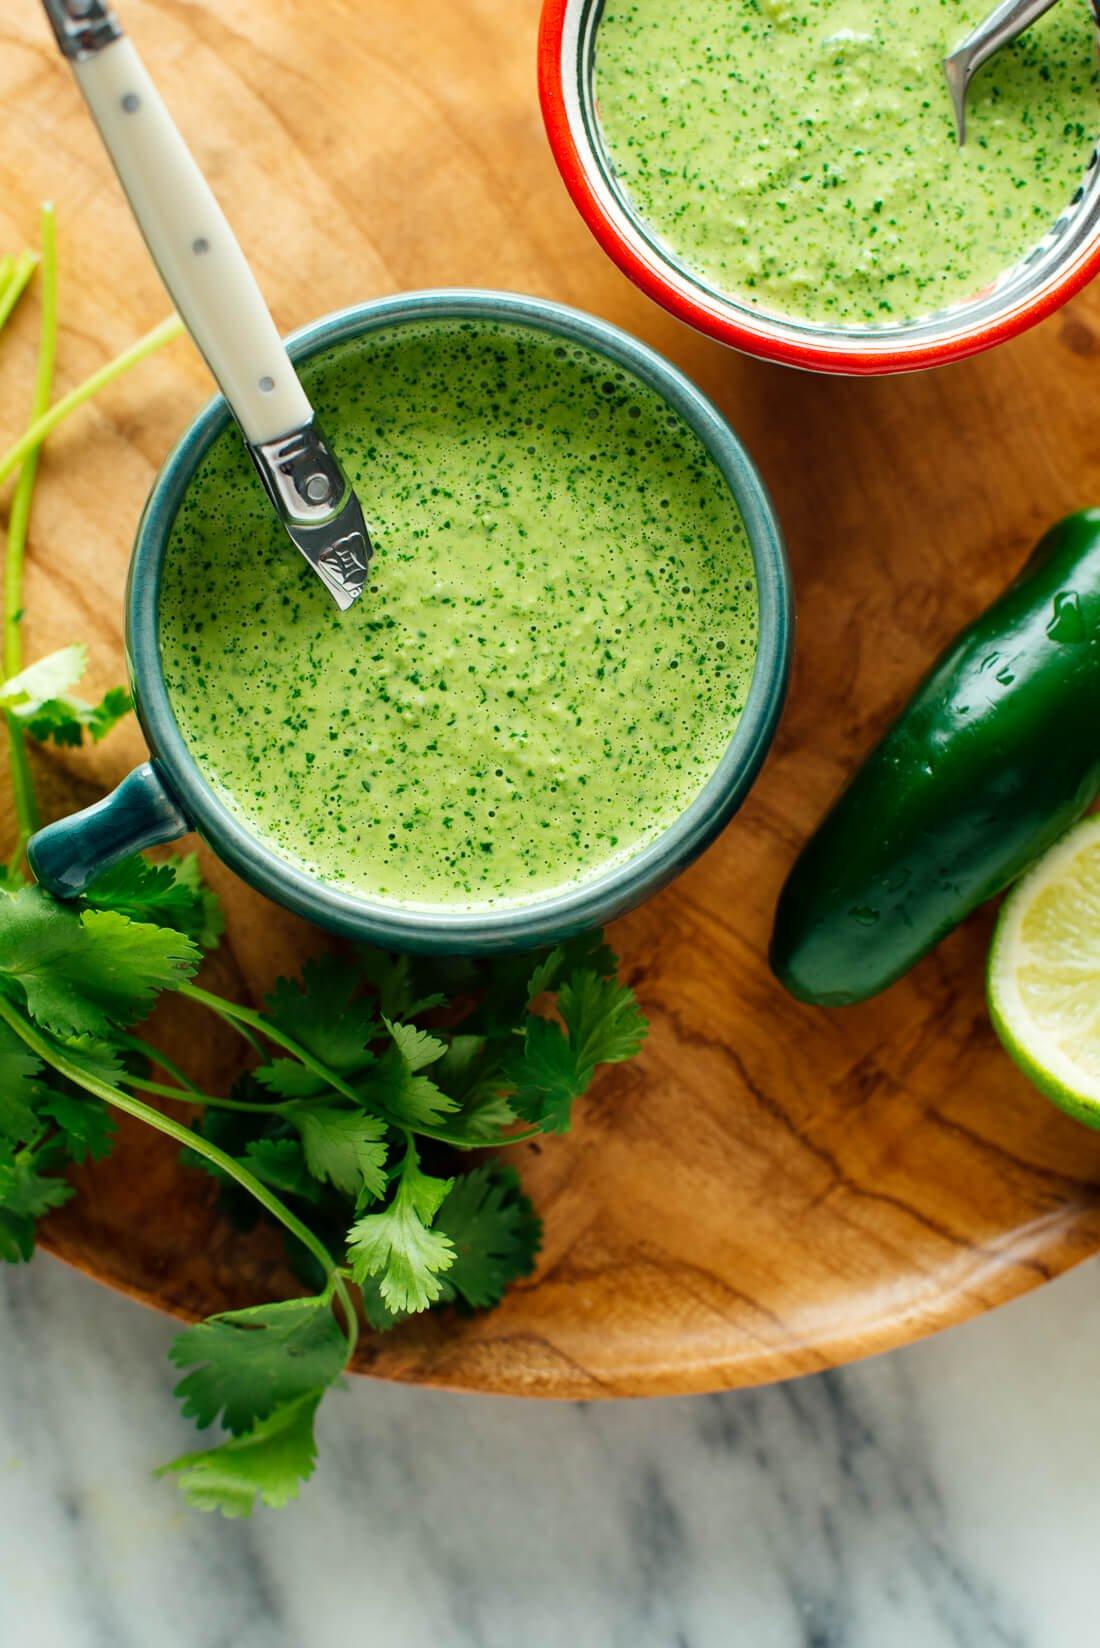 aji verde recipe